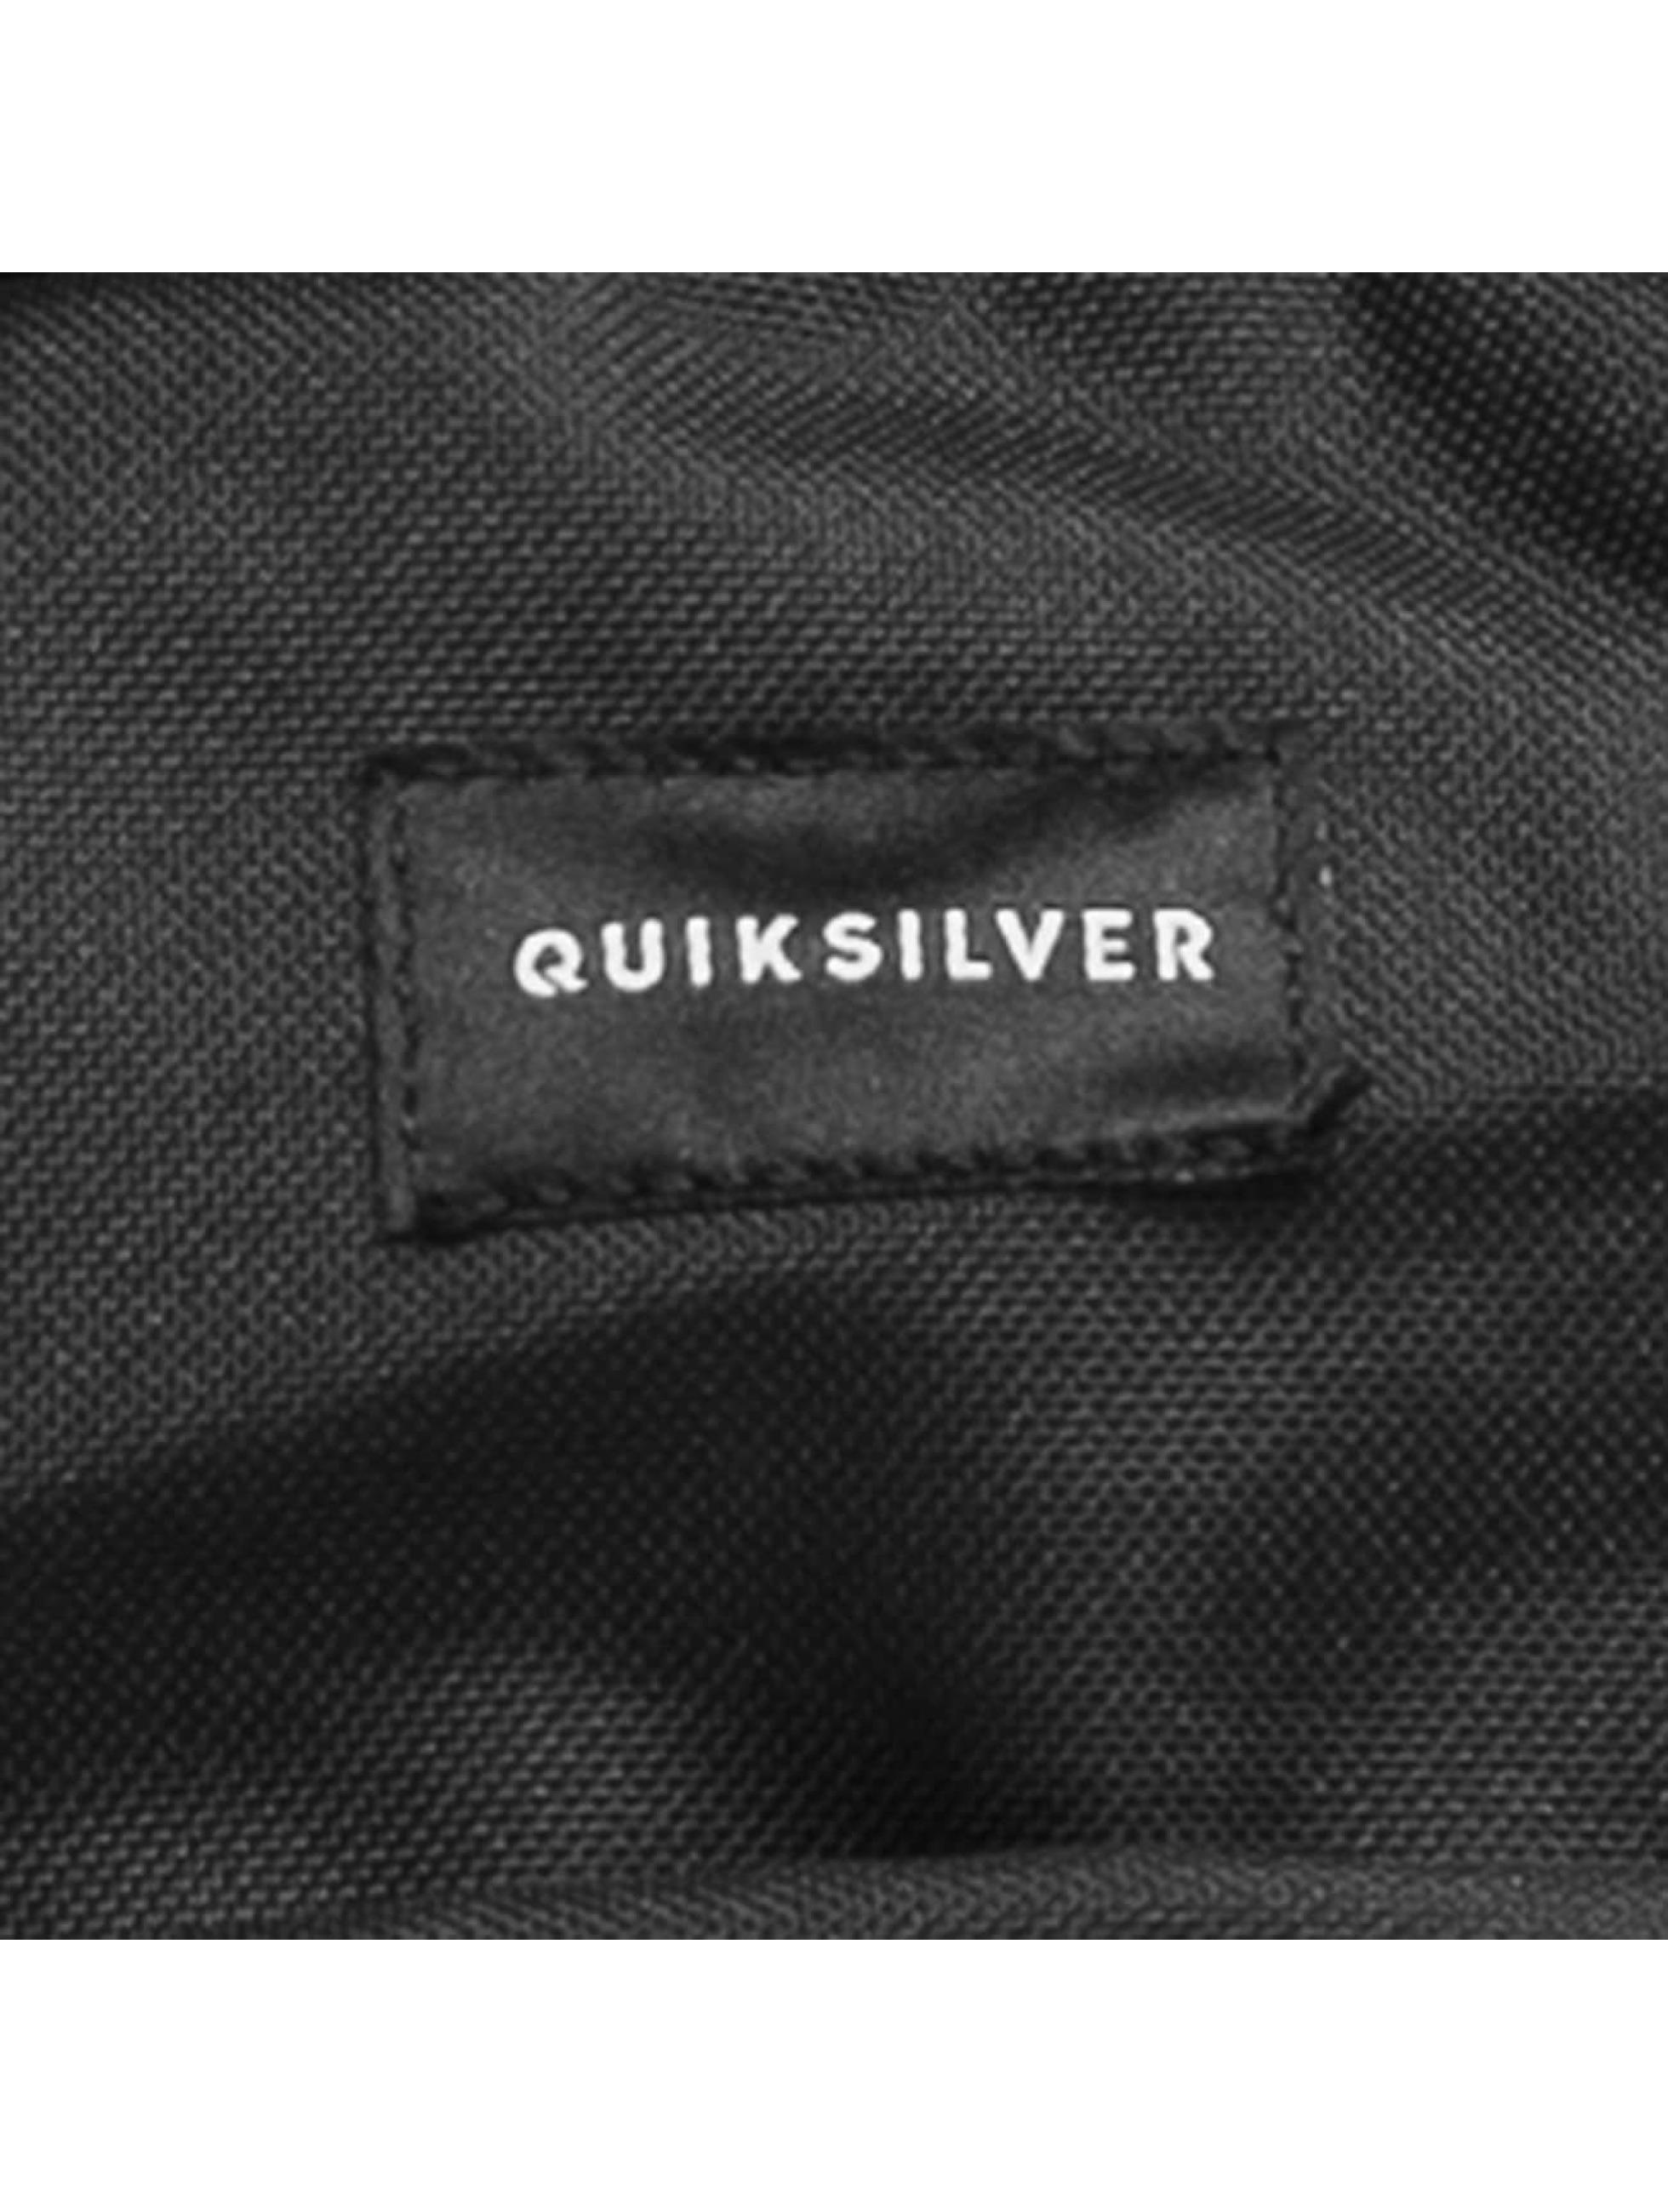 Quiksilver Batohy Burst čern